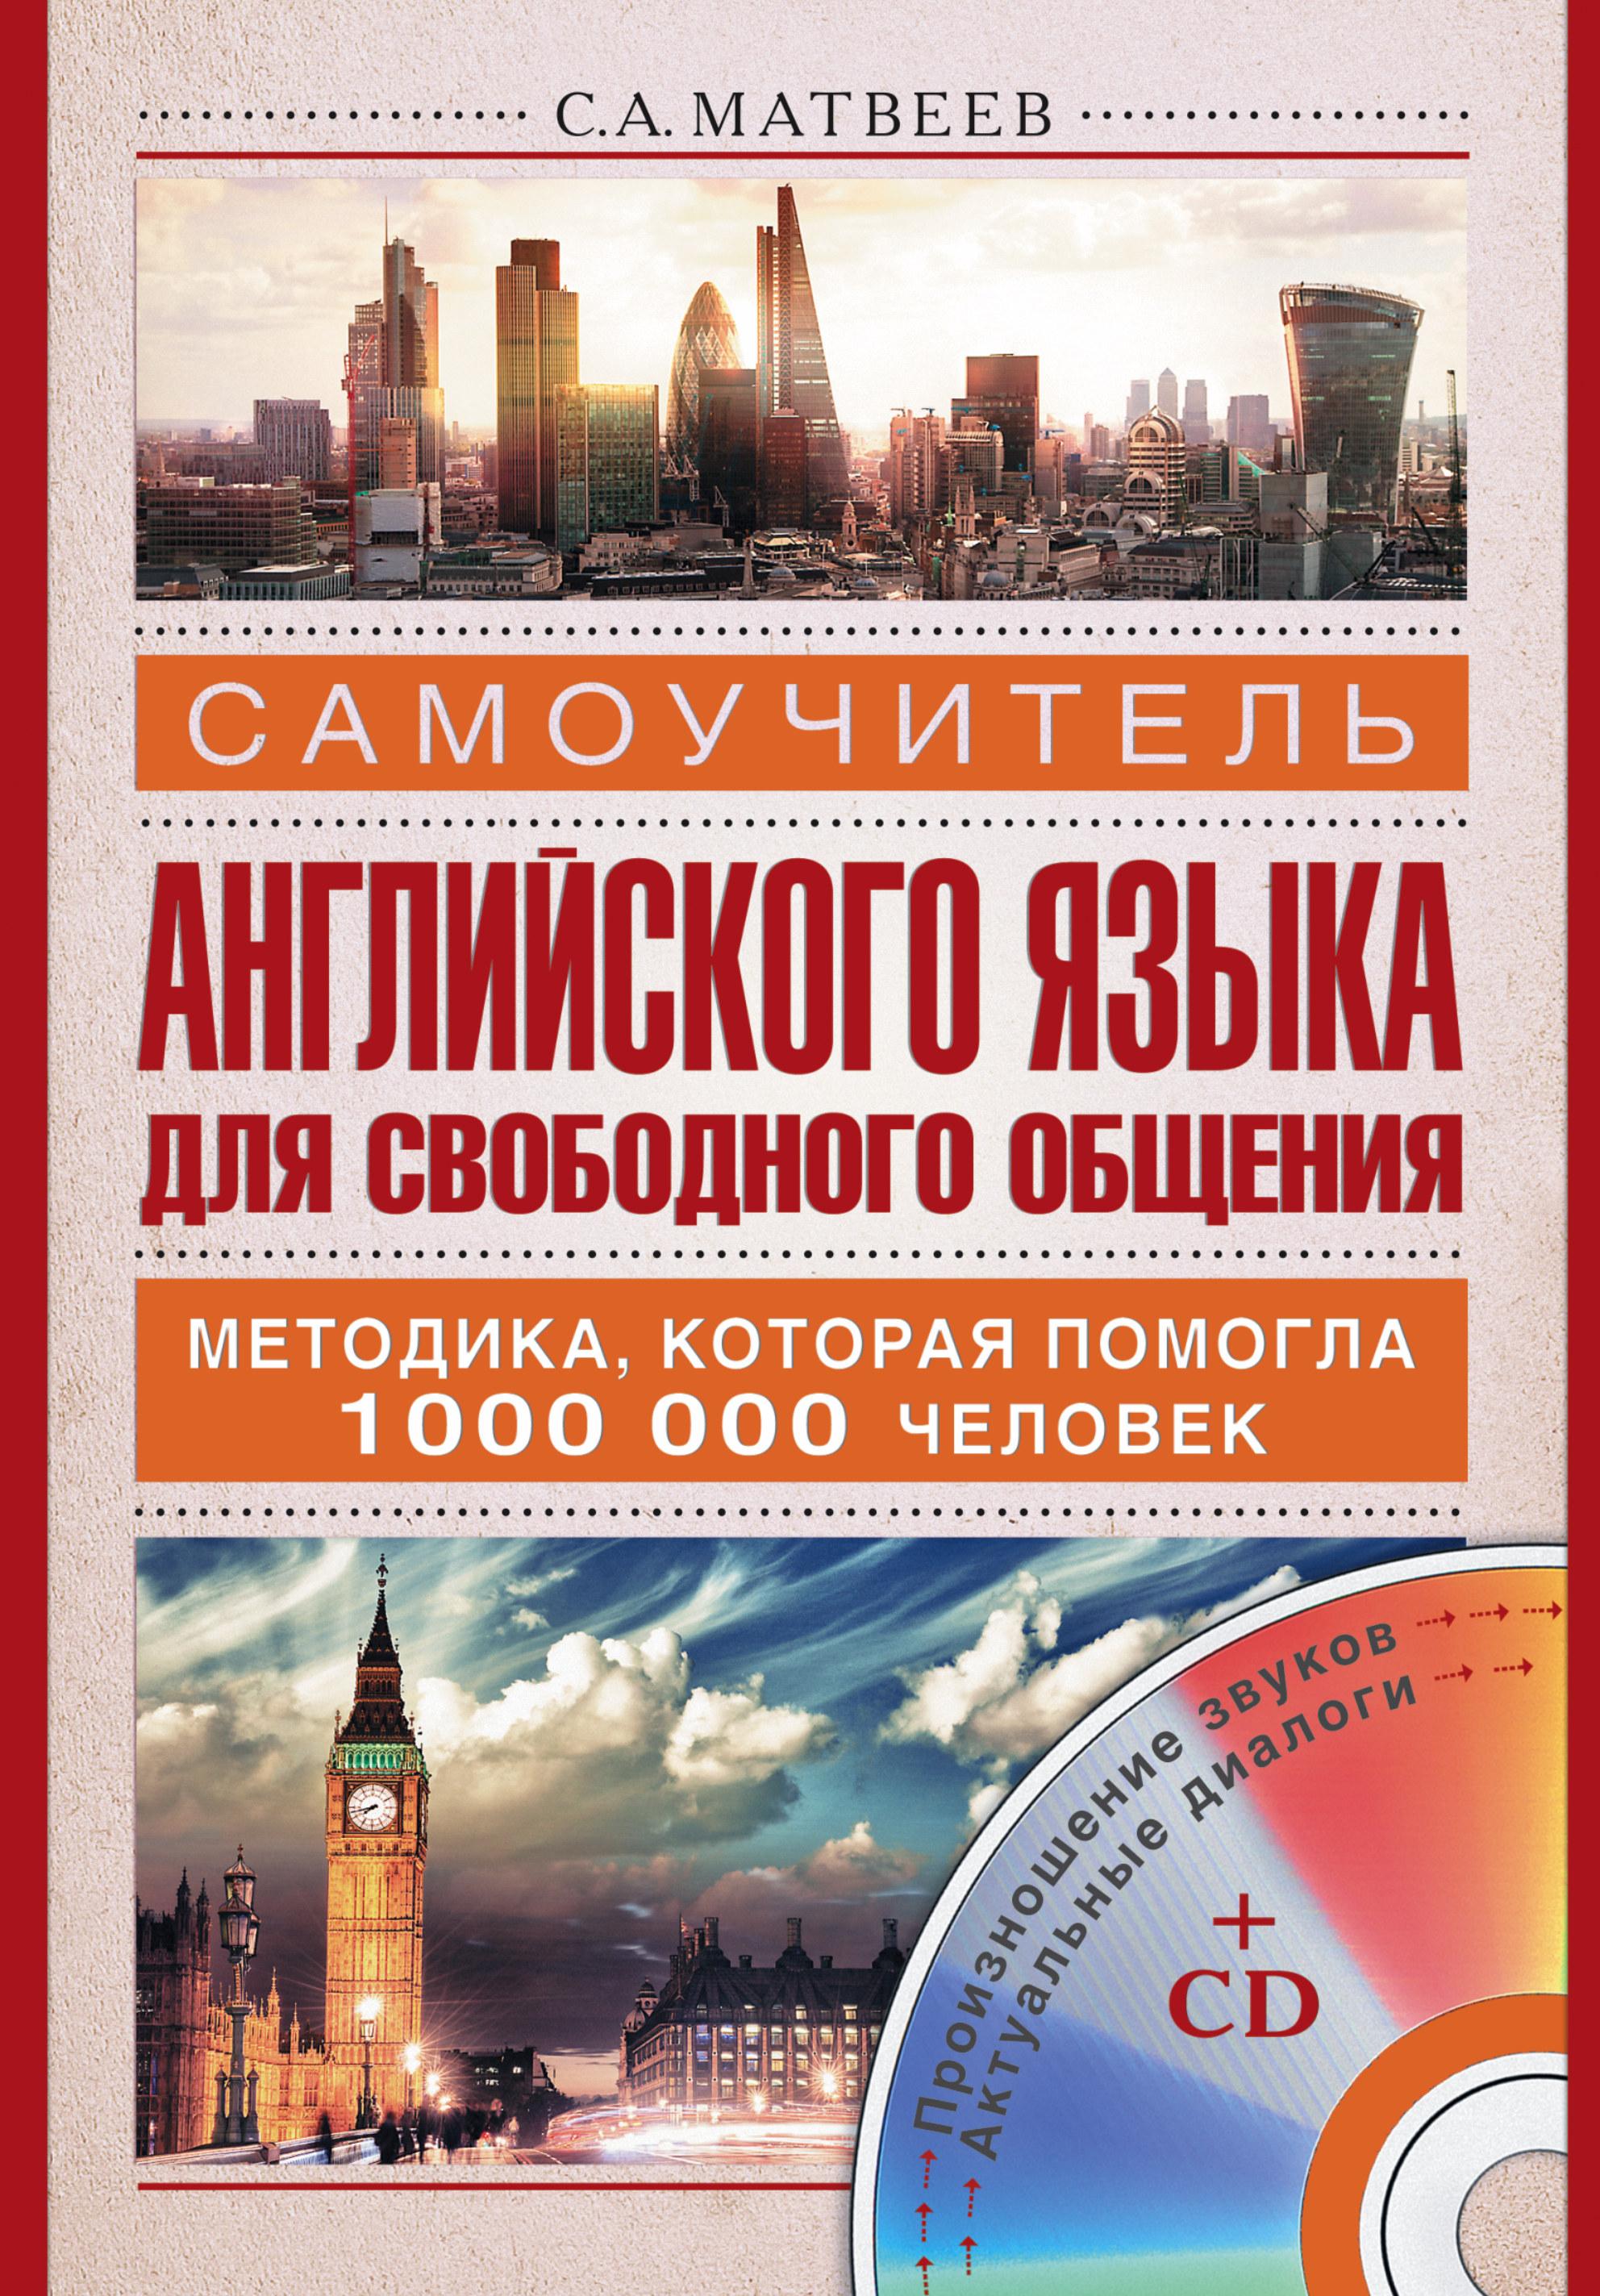 С.А. Матвеев Самоучитель английского языка для свободного общения + CD